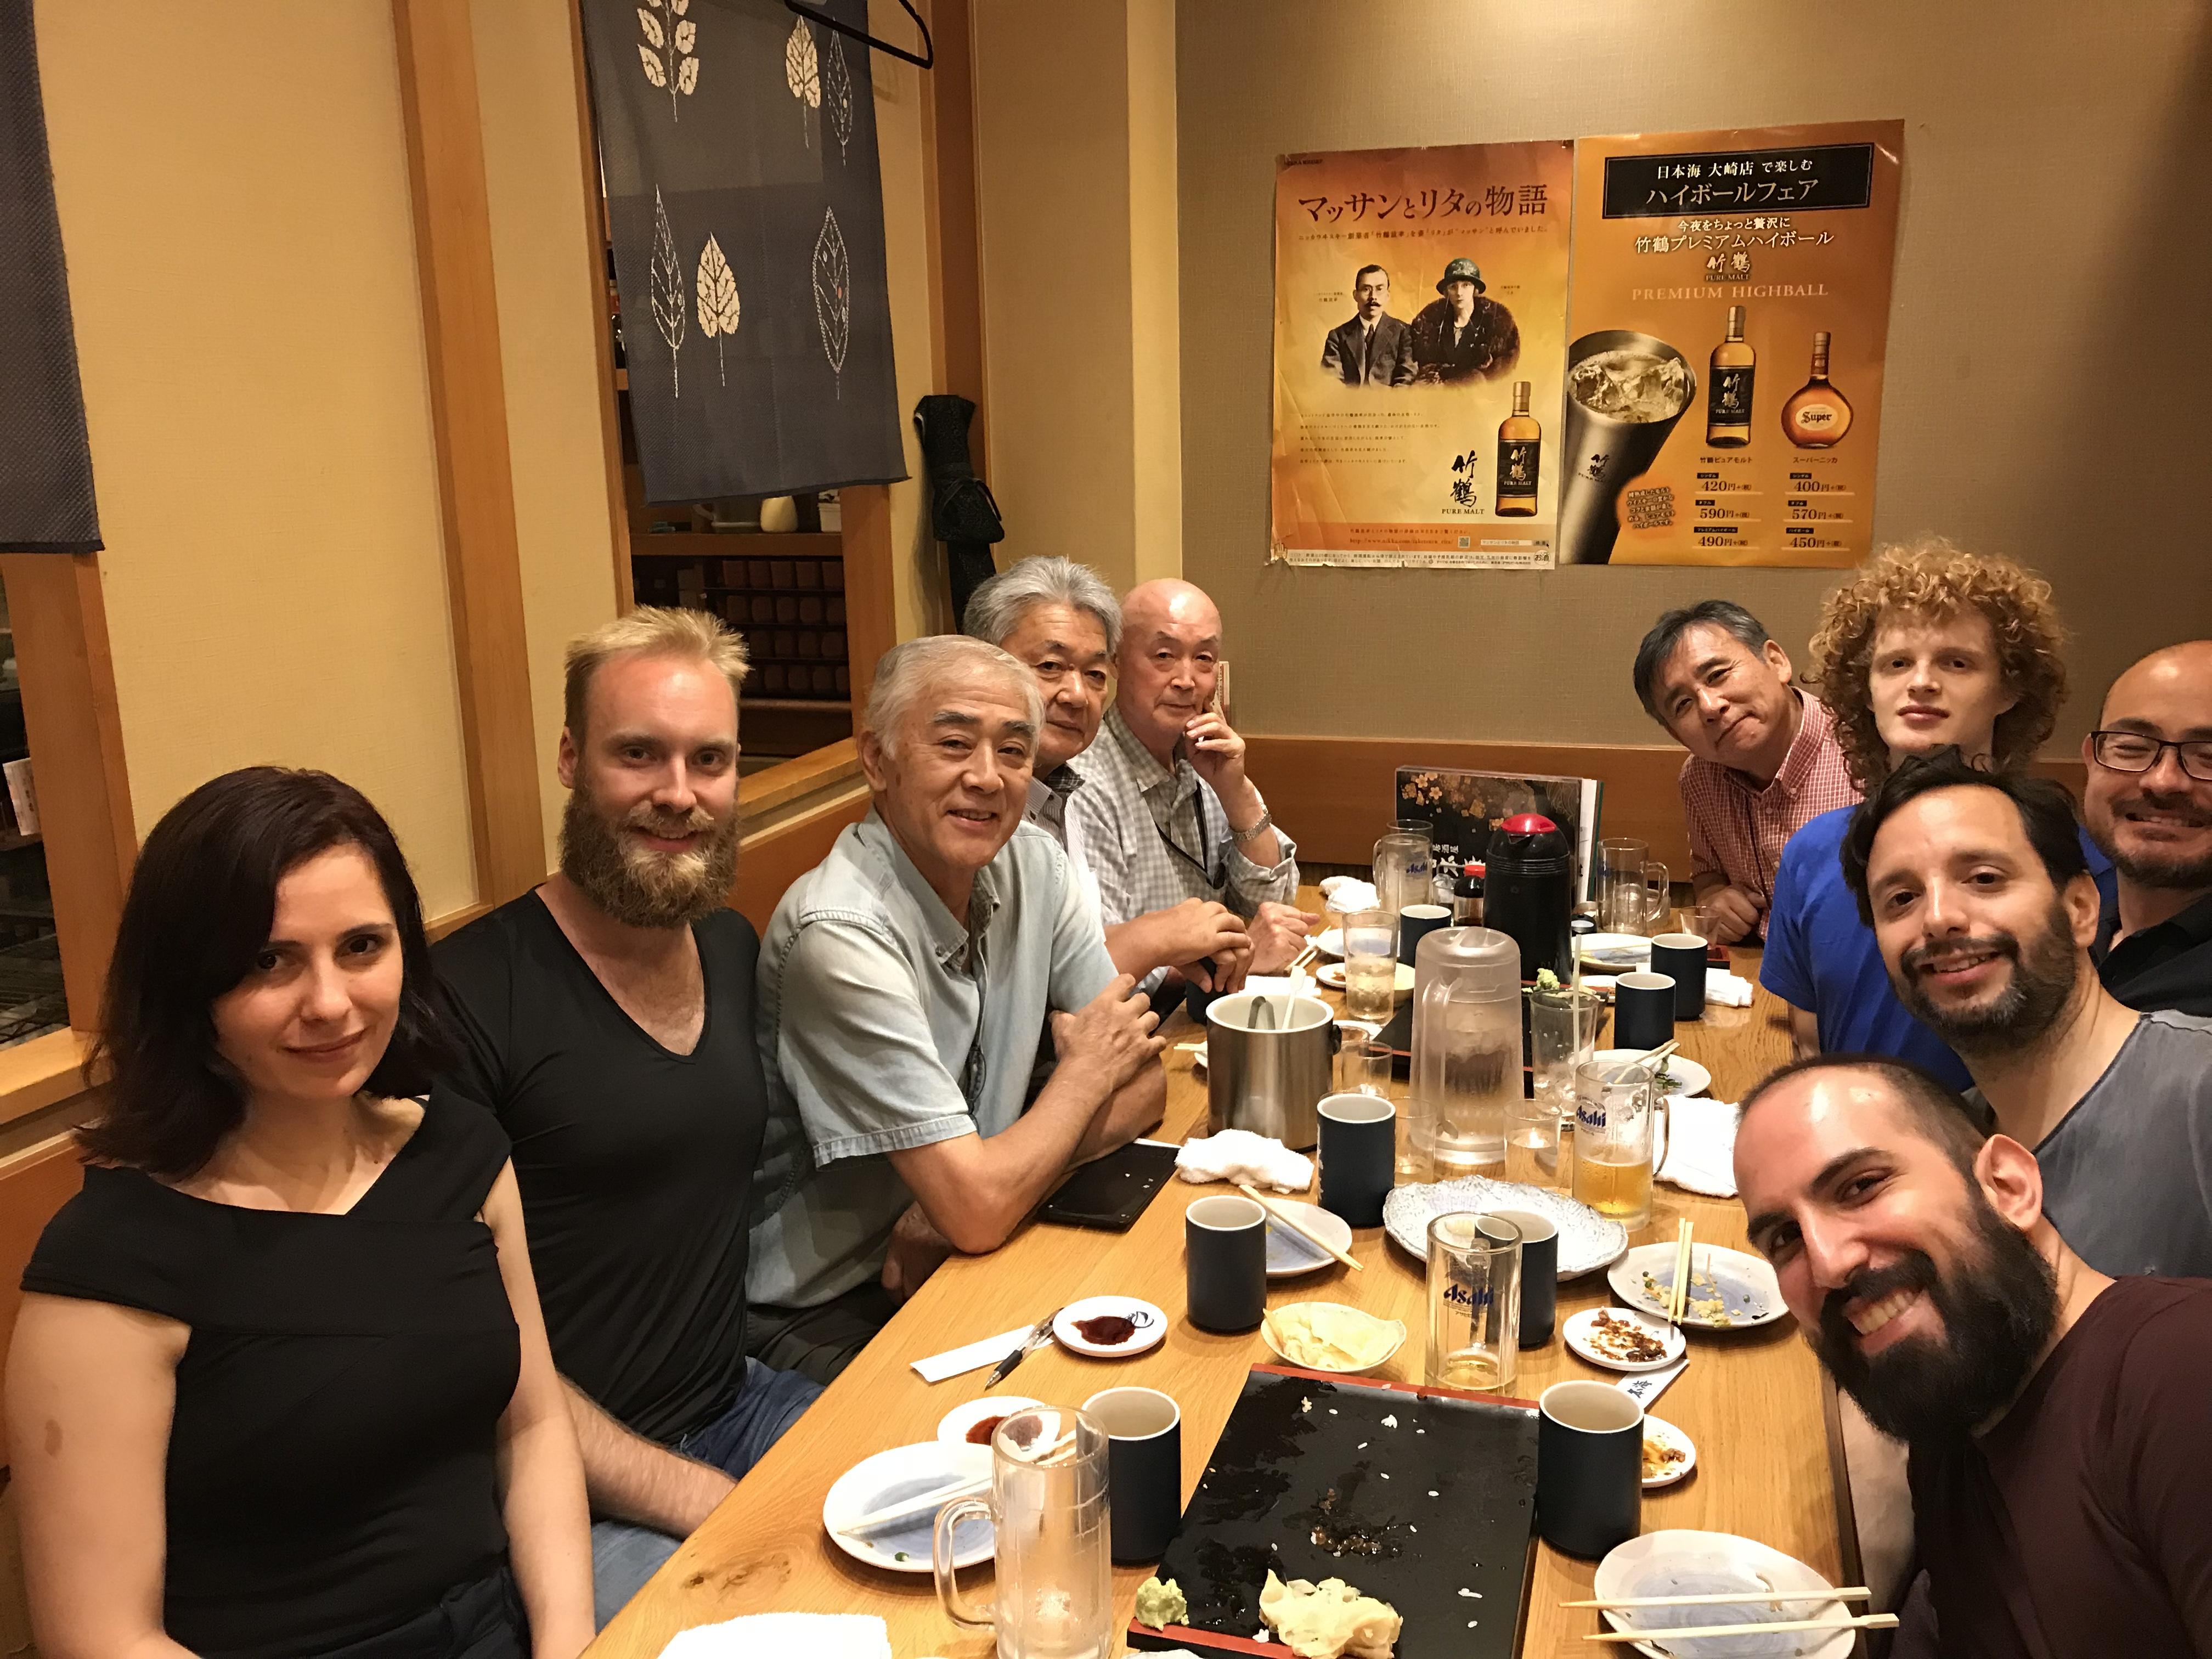 Onsen, sushi, KEIKO!!!